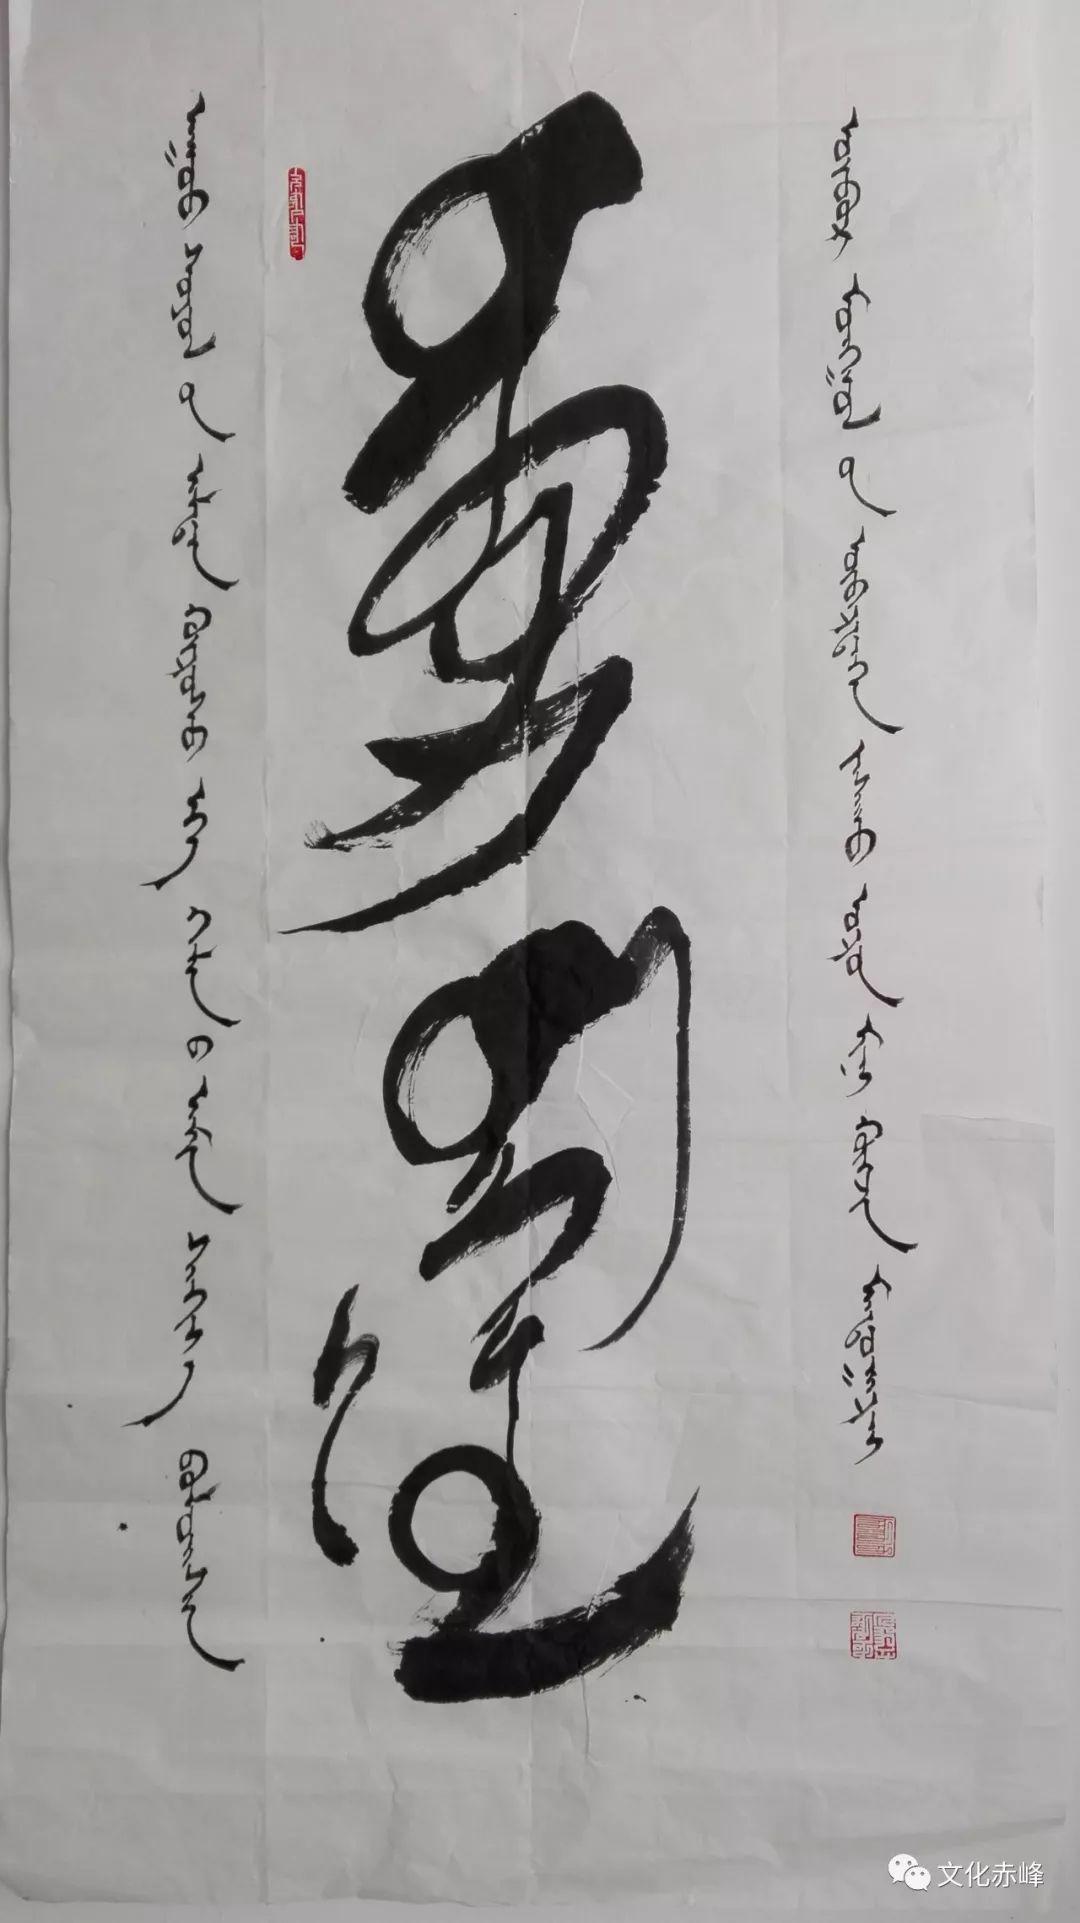 【文化赤峰】额尔敦巴图蒙古文书法作品欣赏! 第8张 【文化赤峰】额尔敦巴图蒙古文书法作品欣赏! 蒙古书法